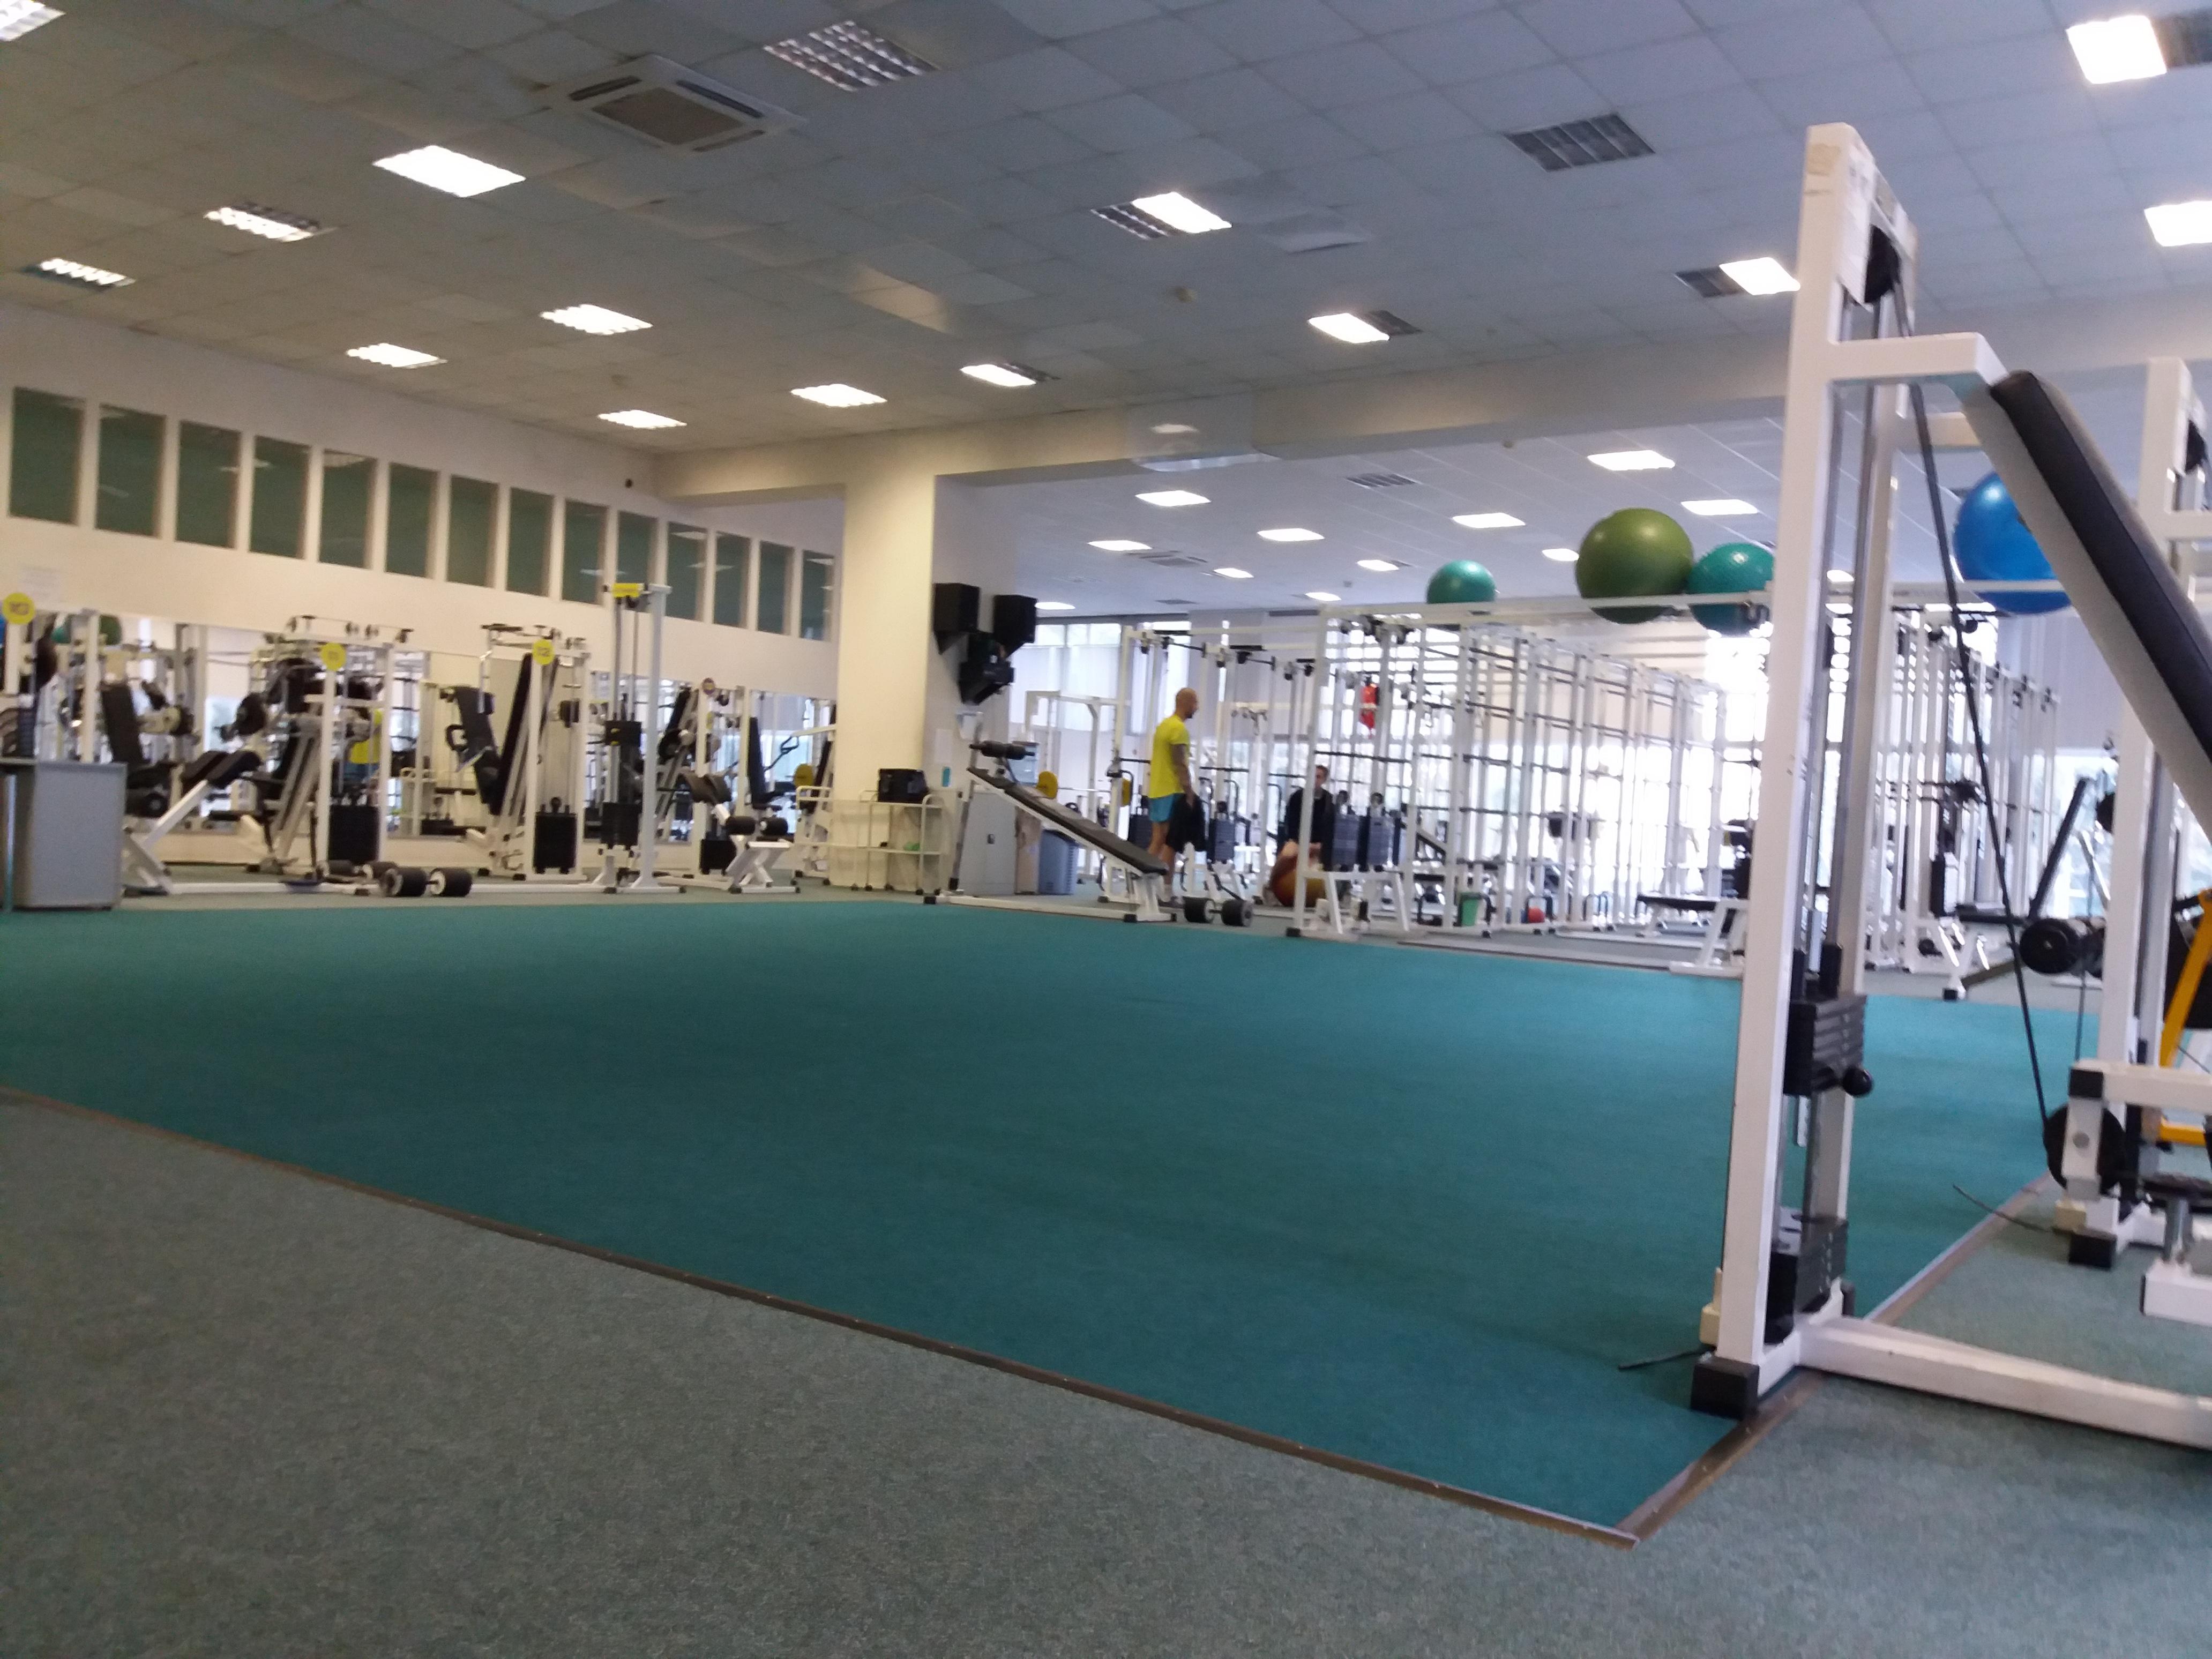 Тренажерный зал белый в оздоровительном центре реабилитации и кинезиотерапии в Сокольниках в Москве. Фото.